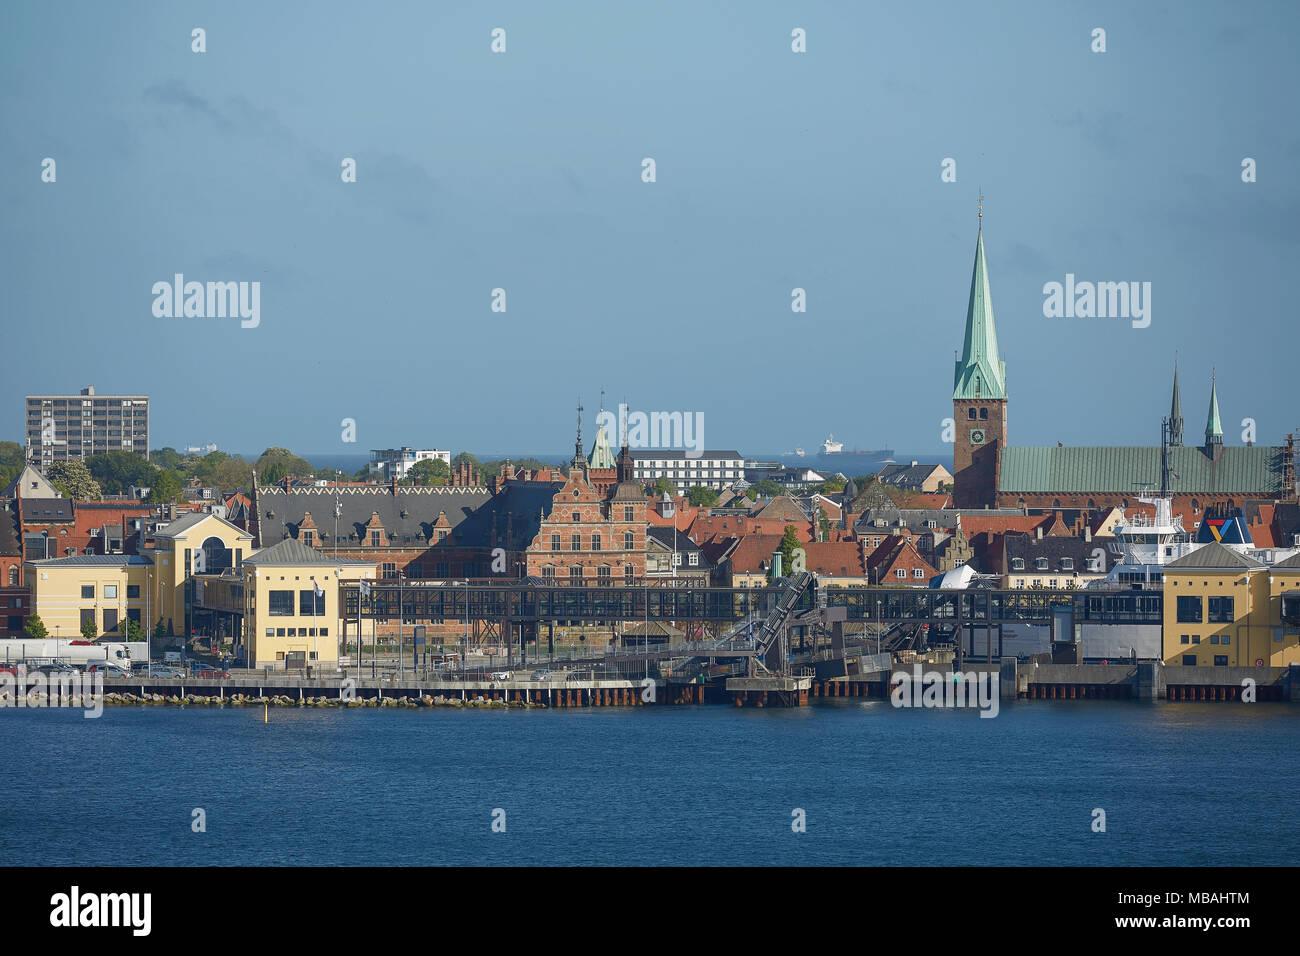 View of Helsingor or Elsinore from Oresund strait in Denmark. Stock Photo